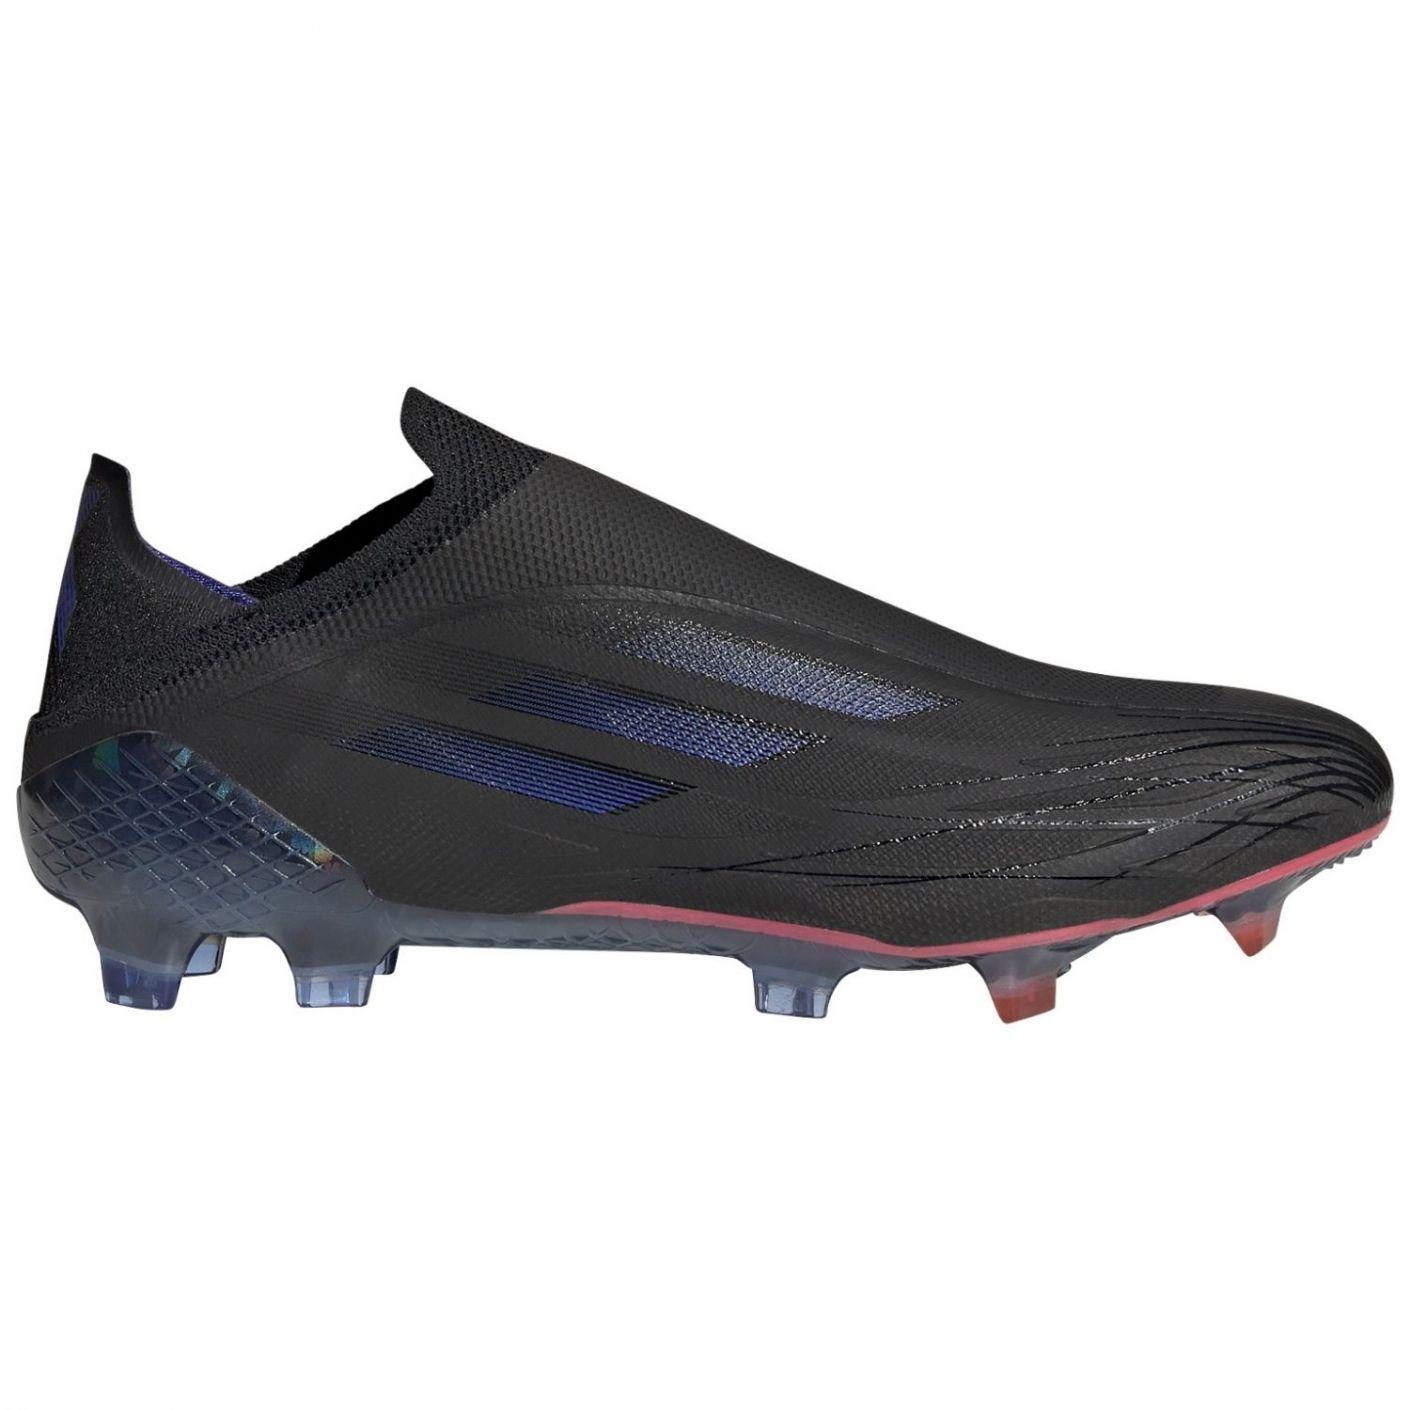 adidas X Speedflow+ Gras Voetbalschoenen (FG) Zwart Blauw Geel